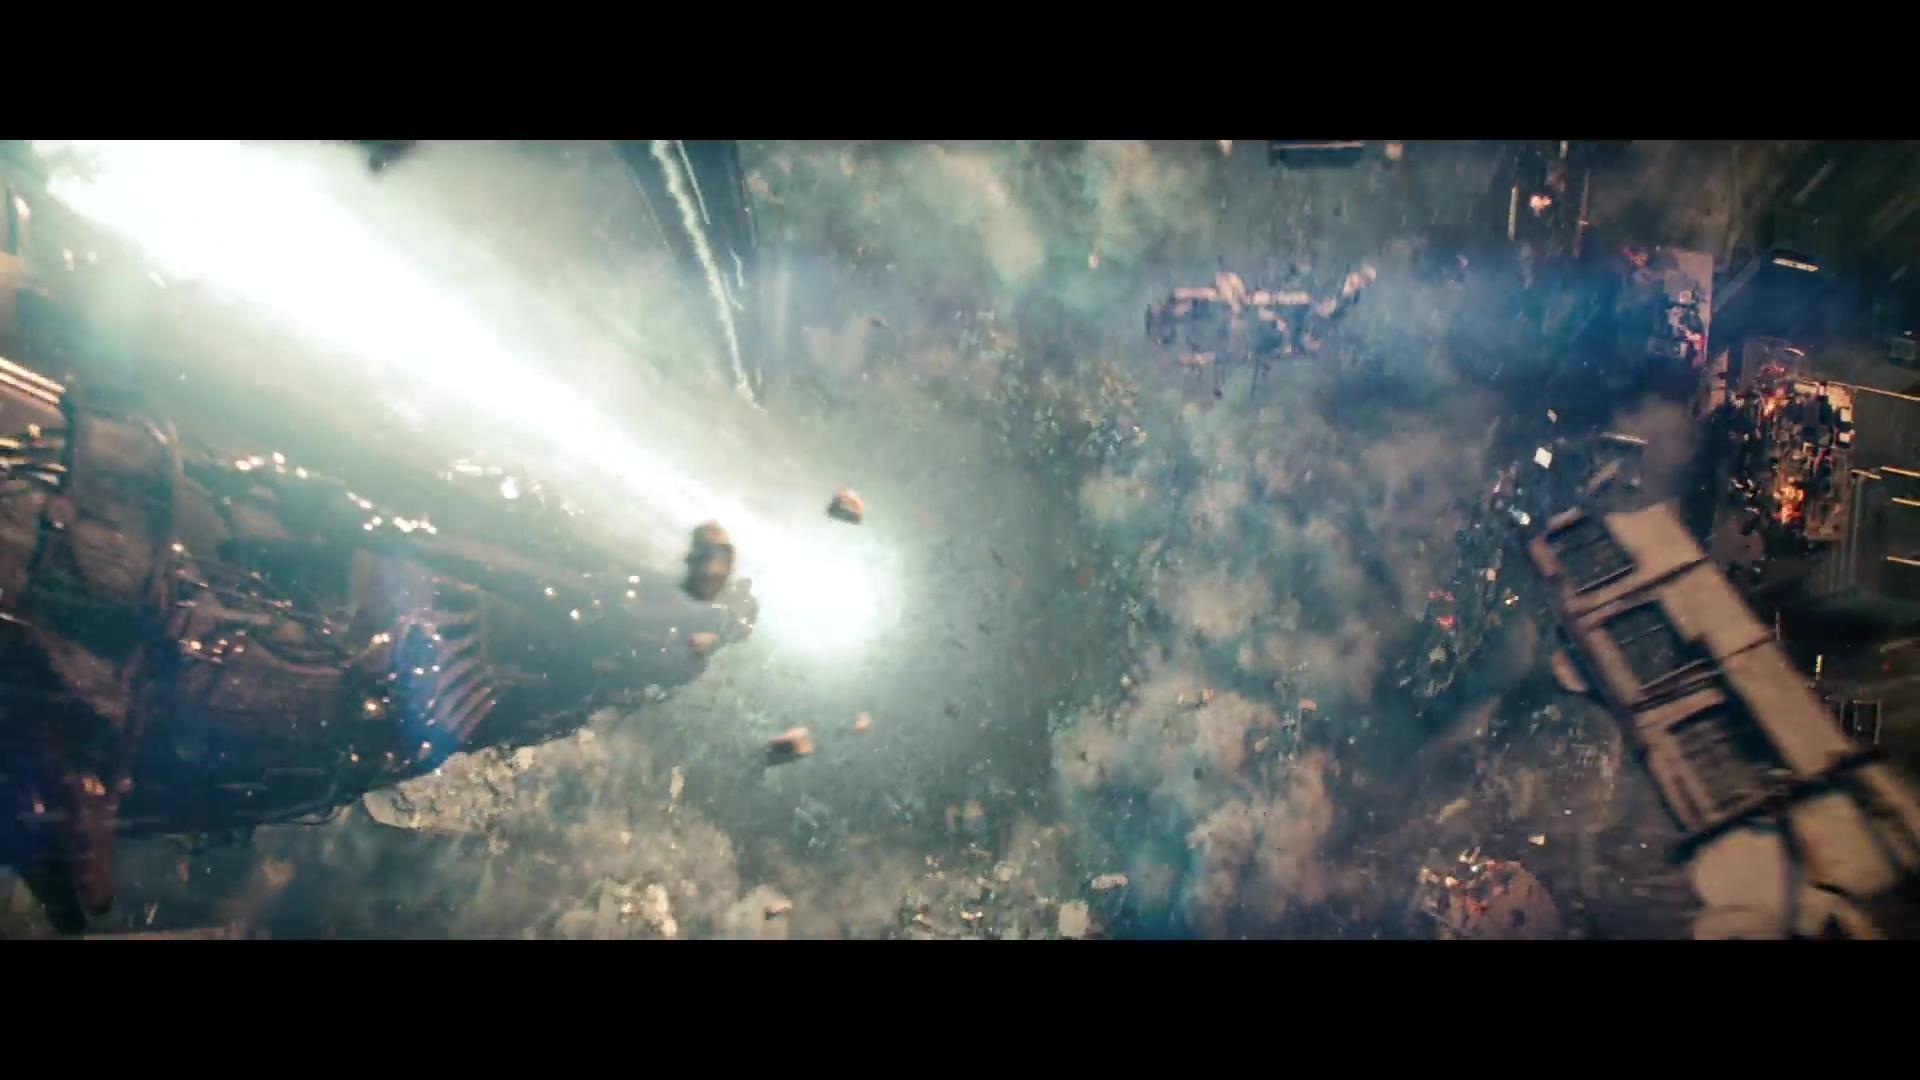 El Hombre De Acero 1080p Lat-Cast-Ing 5.1 (2013)